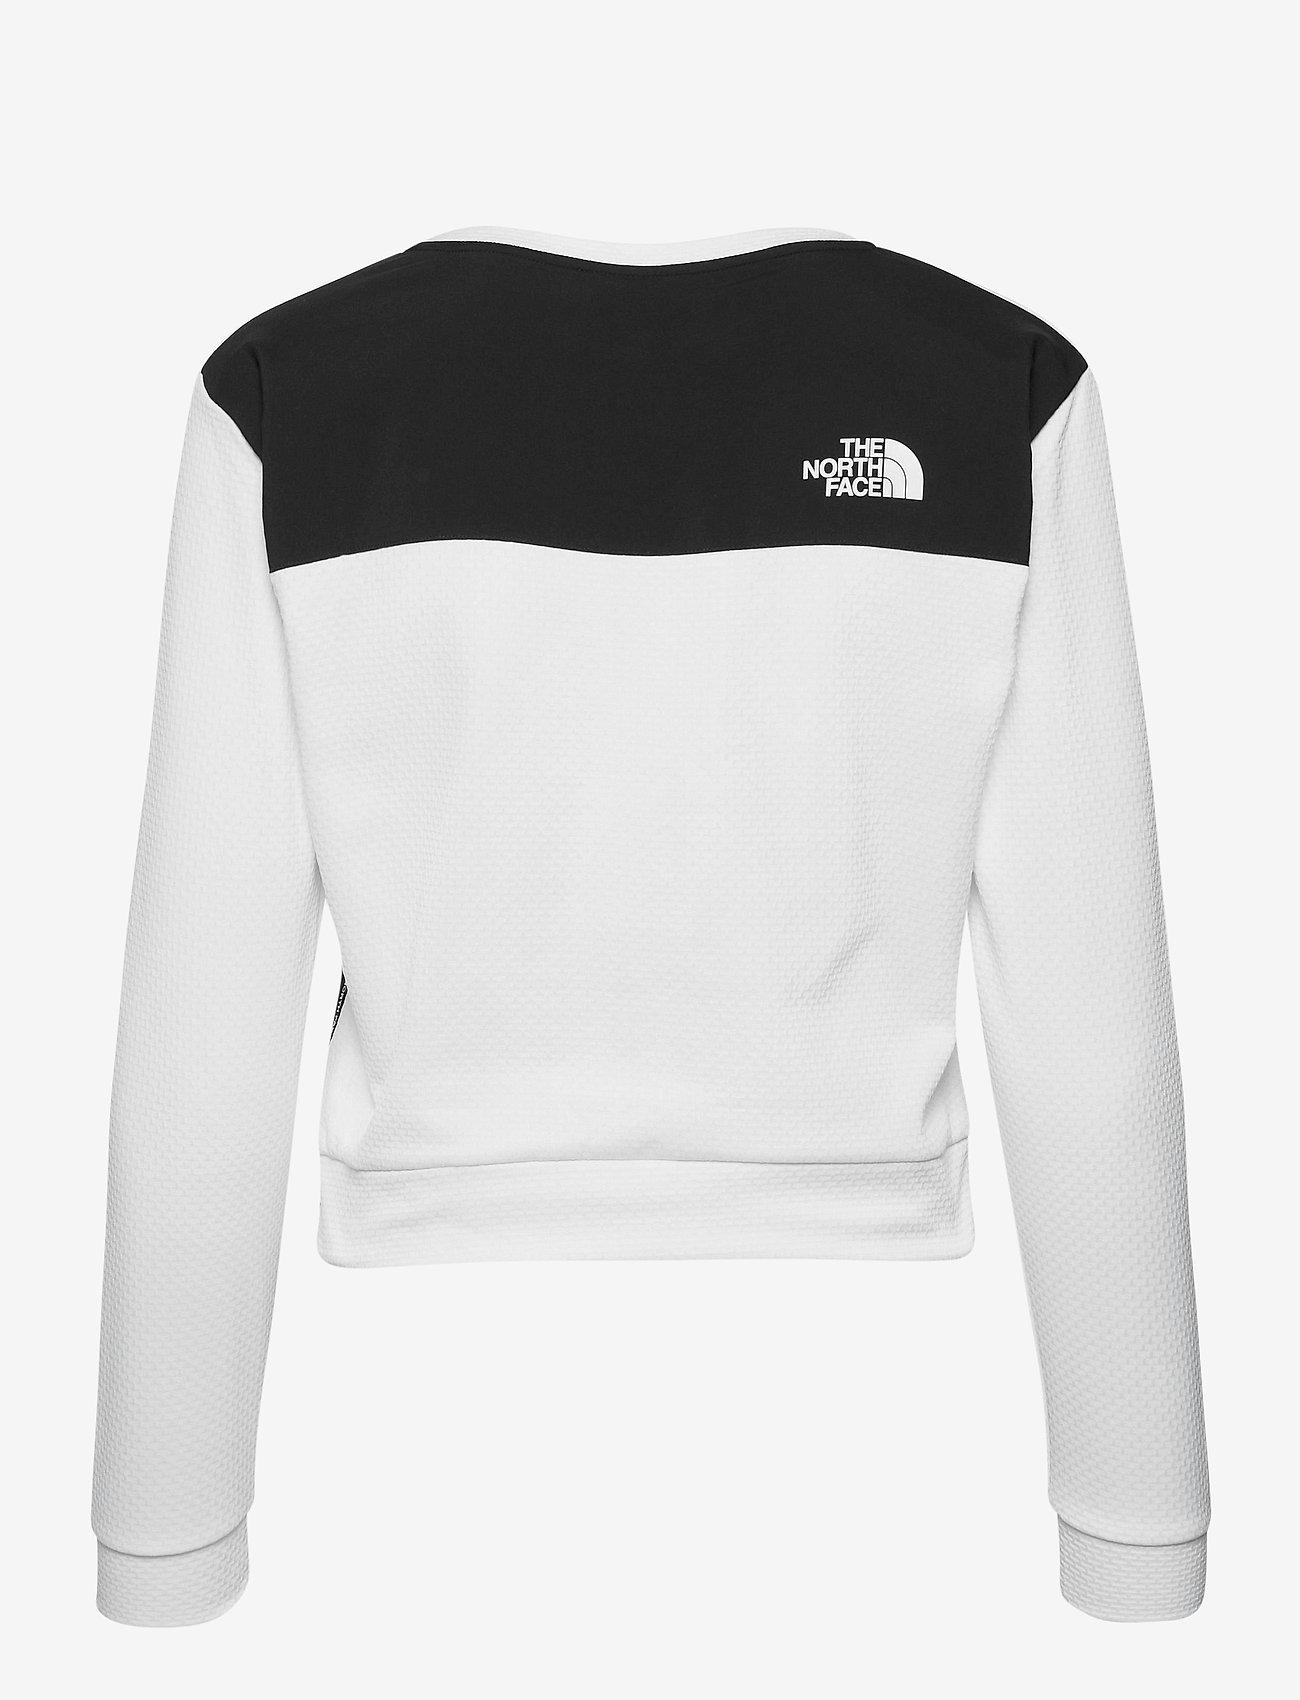 The North Face - W MA PULLOVER - EU - fleece - tnf white - 1